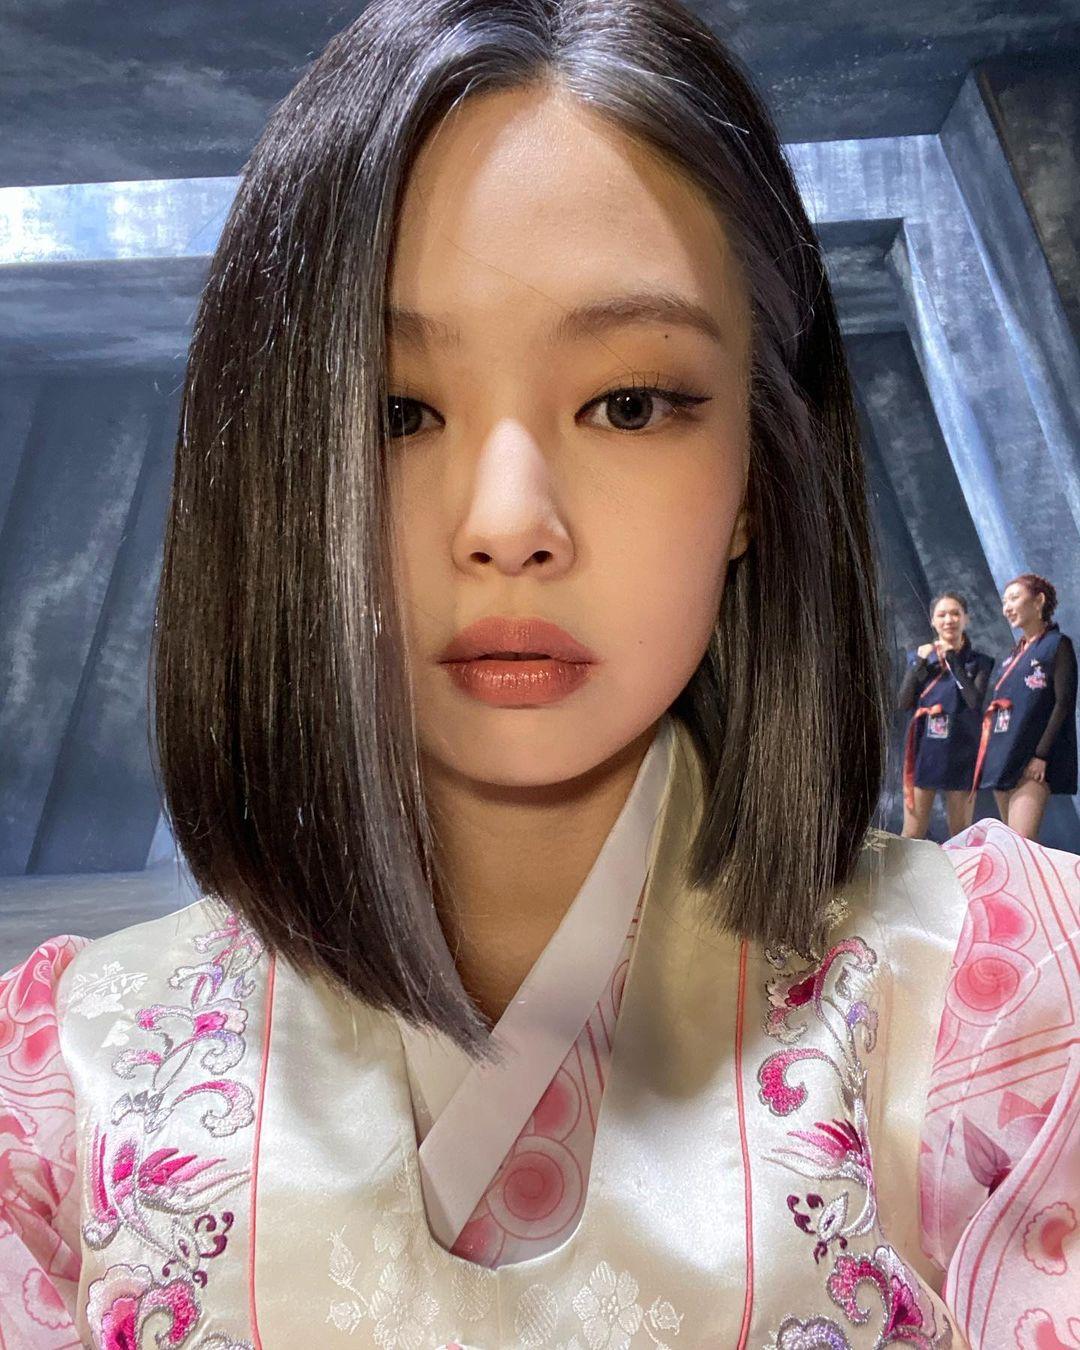 Chán tóc xoăn thì chị em hãy chuyển phỏm sang tóc duỗi thẳng tưng với 4 kiểu siêu sang sau đây-2